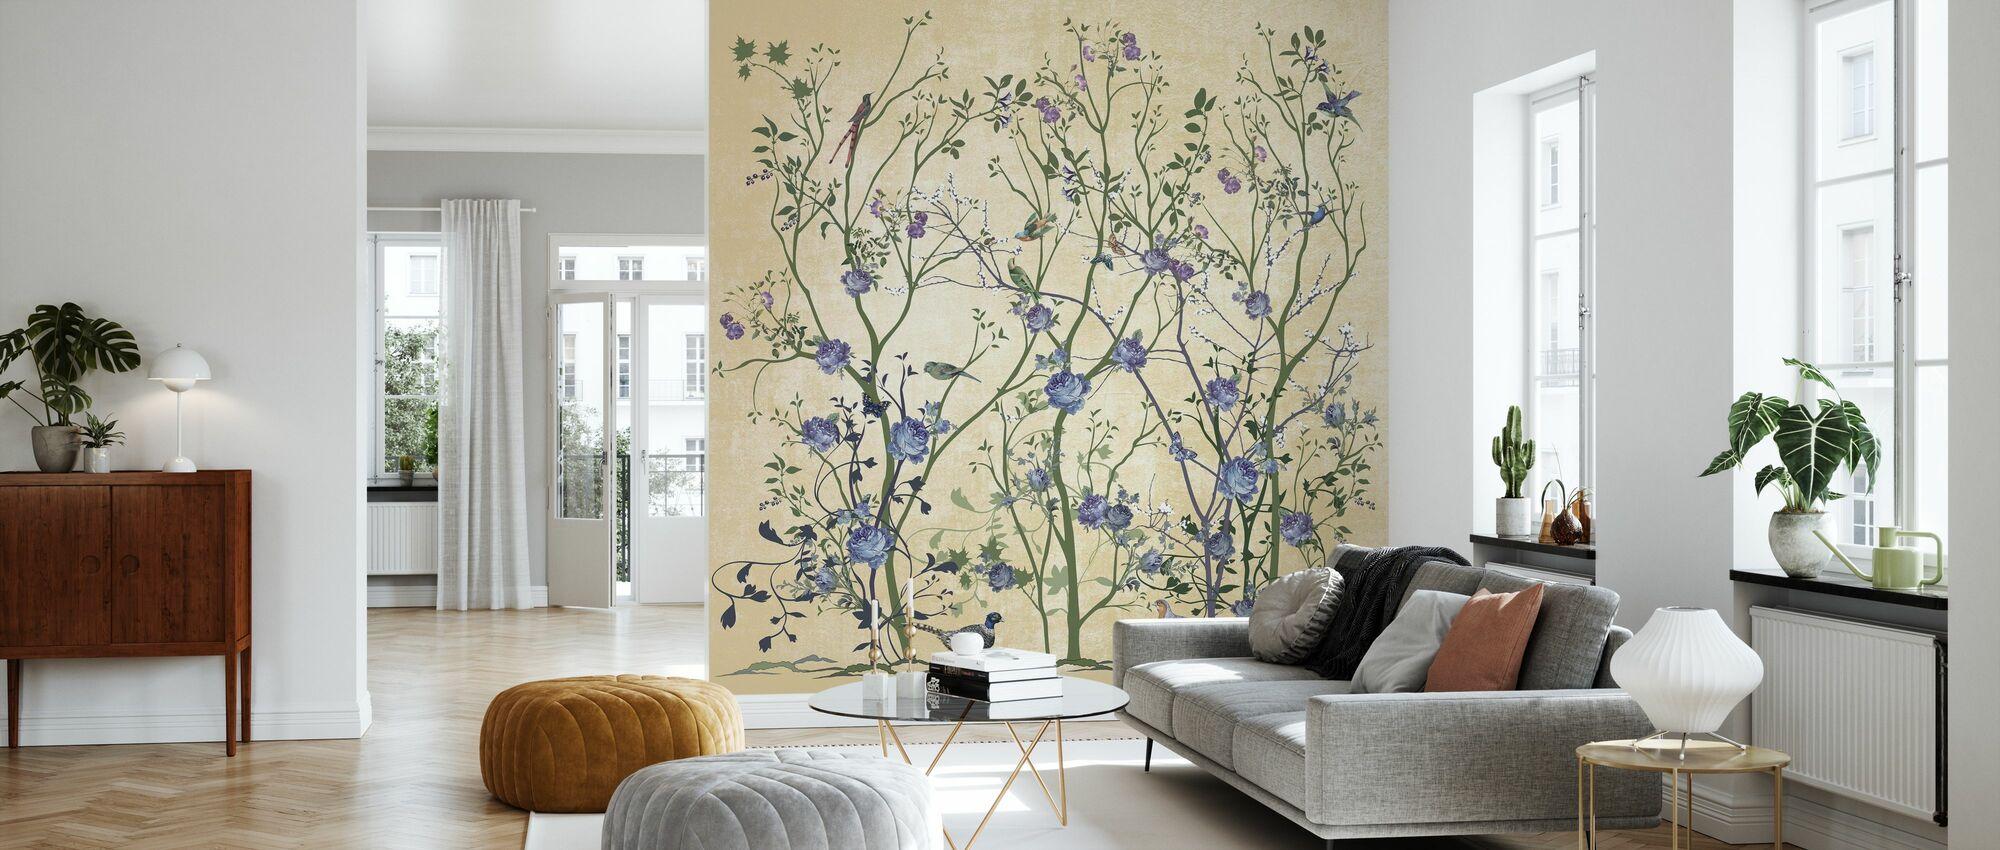 Blue Rose Bush - Wallpaper - Living Room